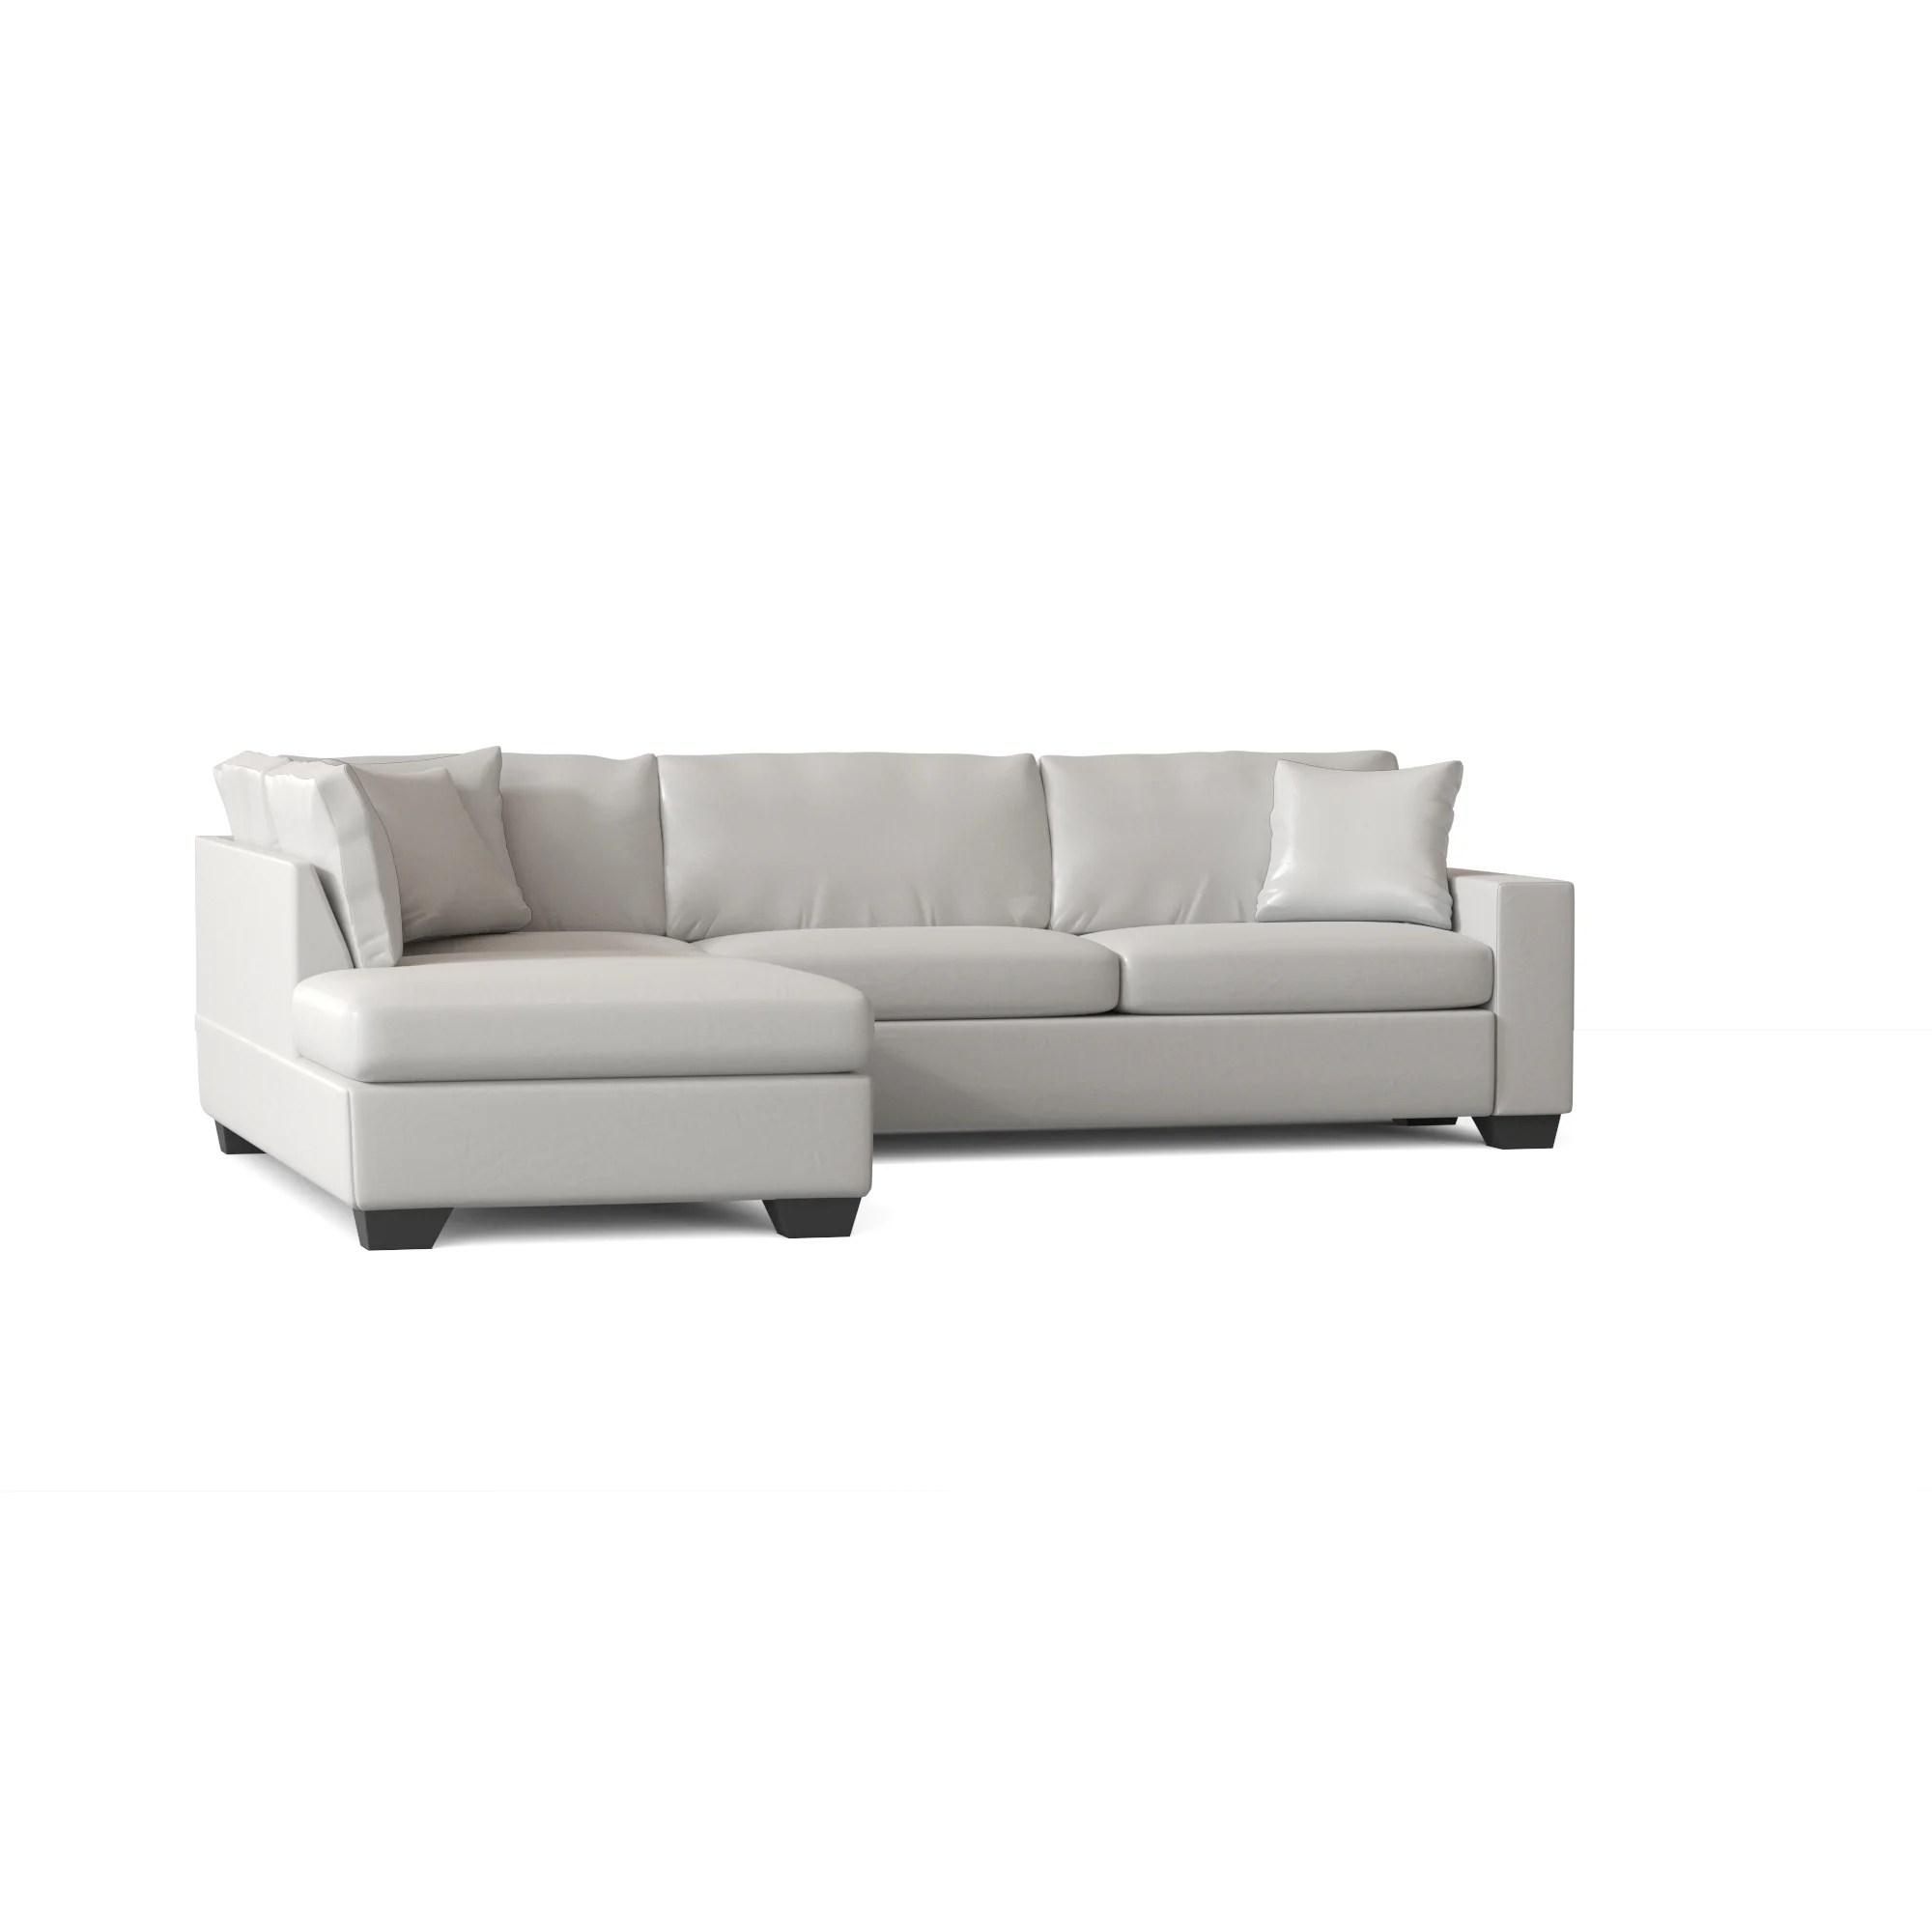 hannah 116 left hand facing sofa chaise